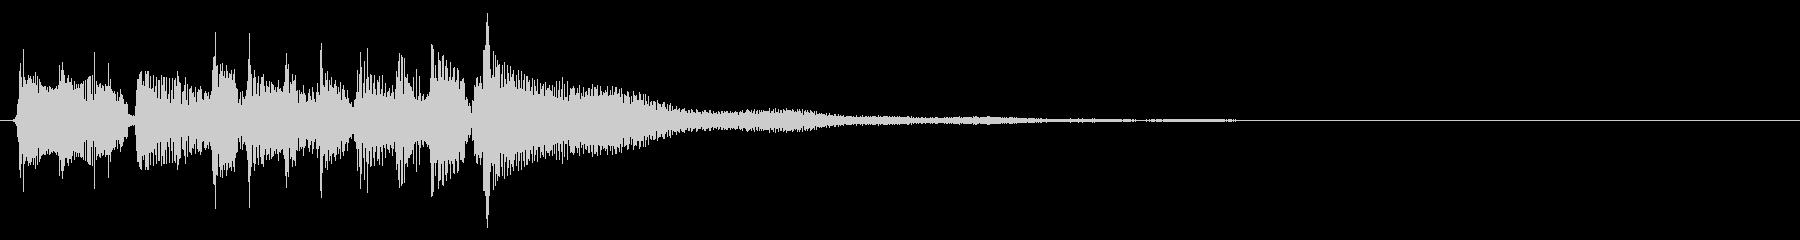 アコギ/スタイリッシュな生音ジングルの未再生の波形